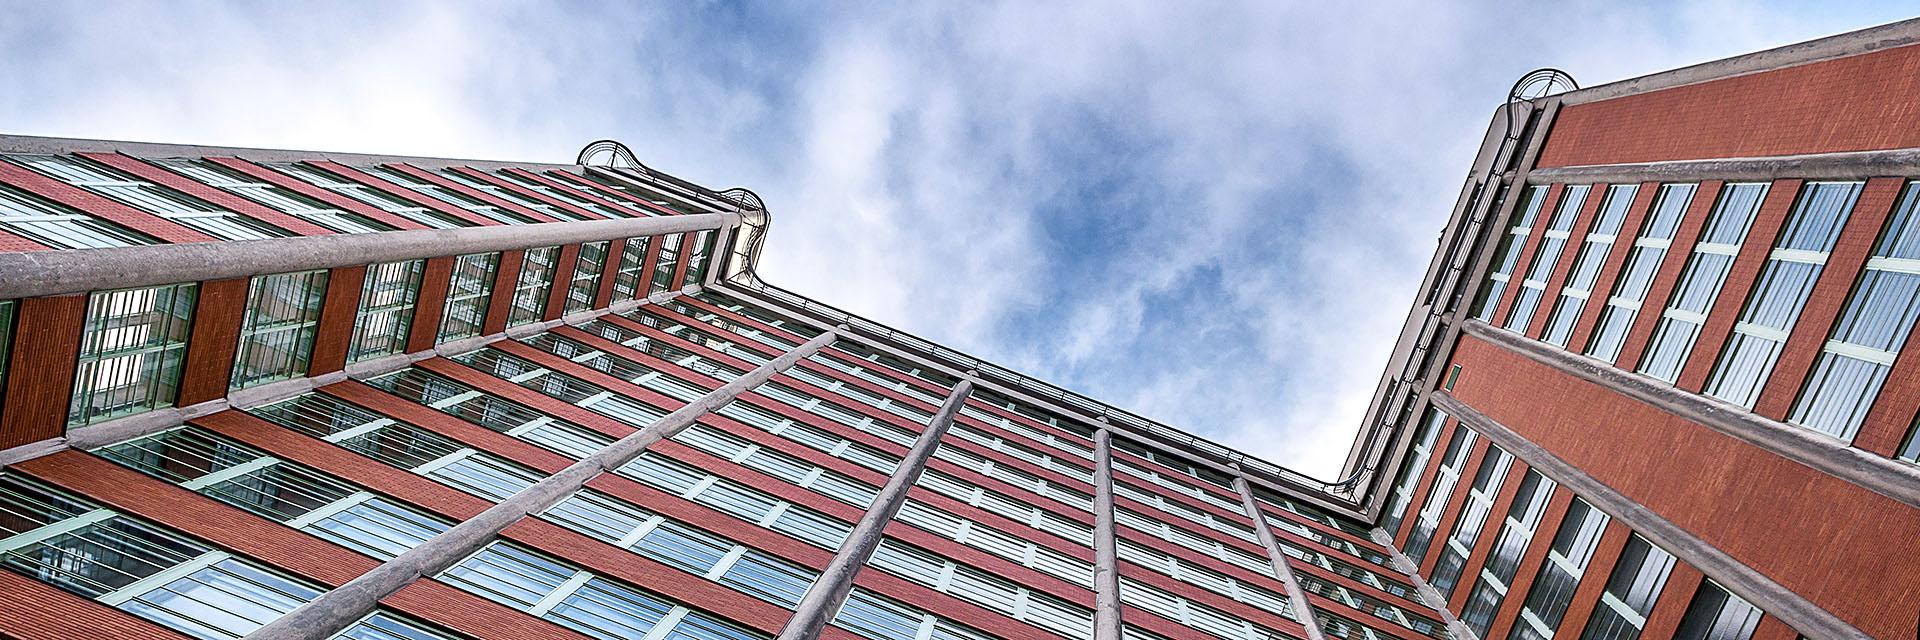 mrakodrap č. 21 ve Zlíně / fotografování architektury / fotograf Vojtěch Pavelčík